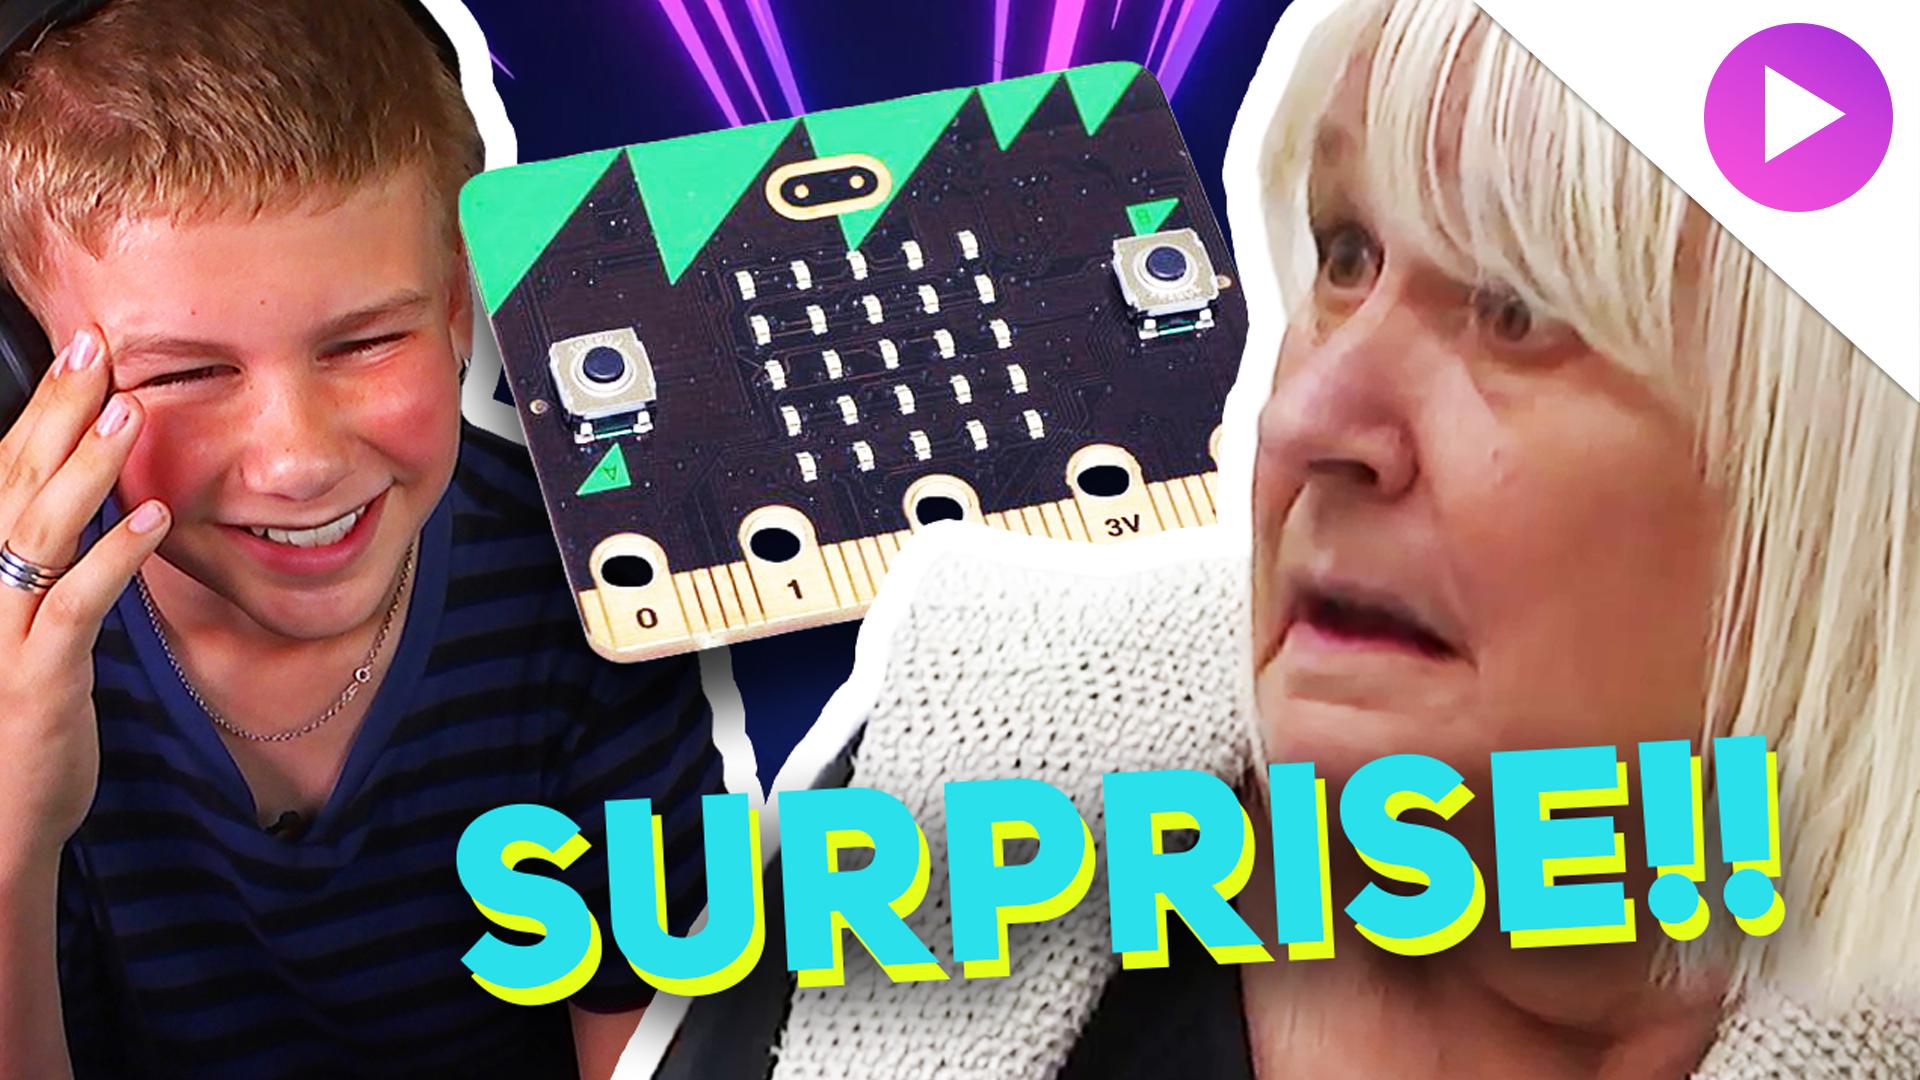 pelle_og_bertil_surprise_microbit_drupal.jpg